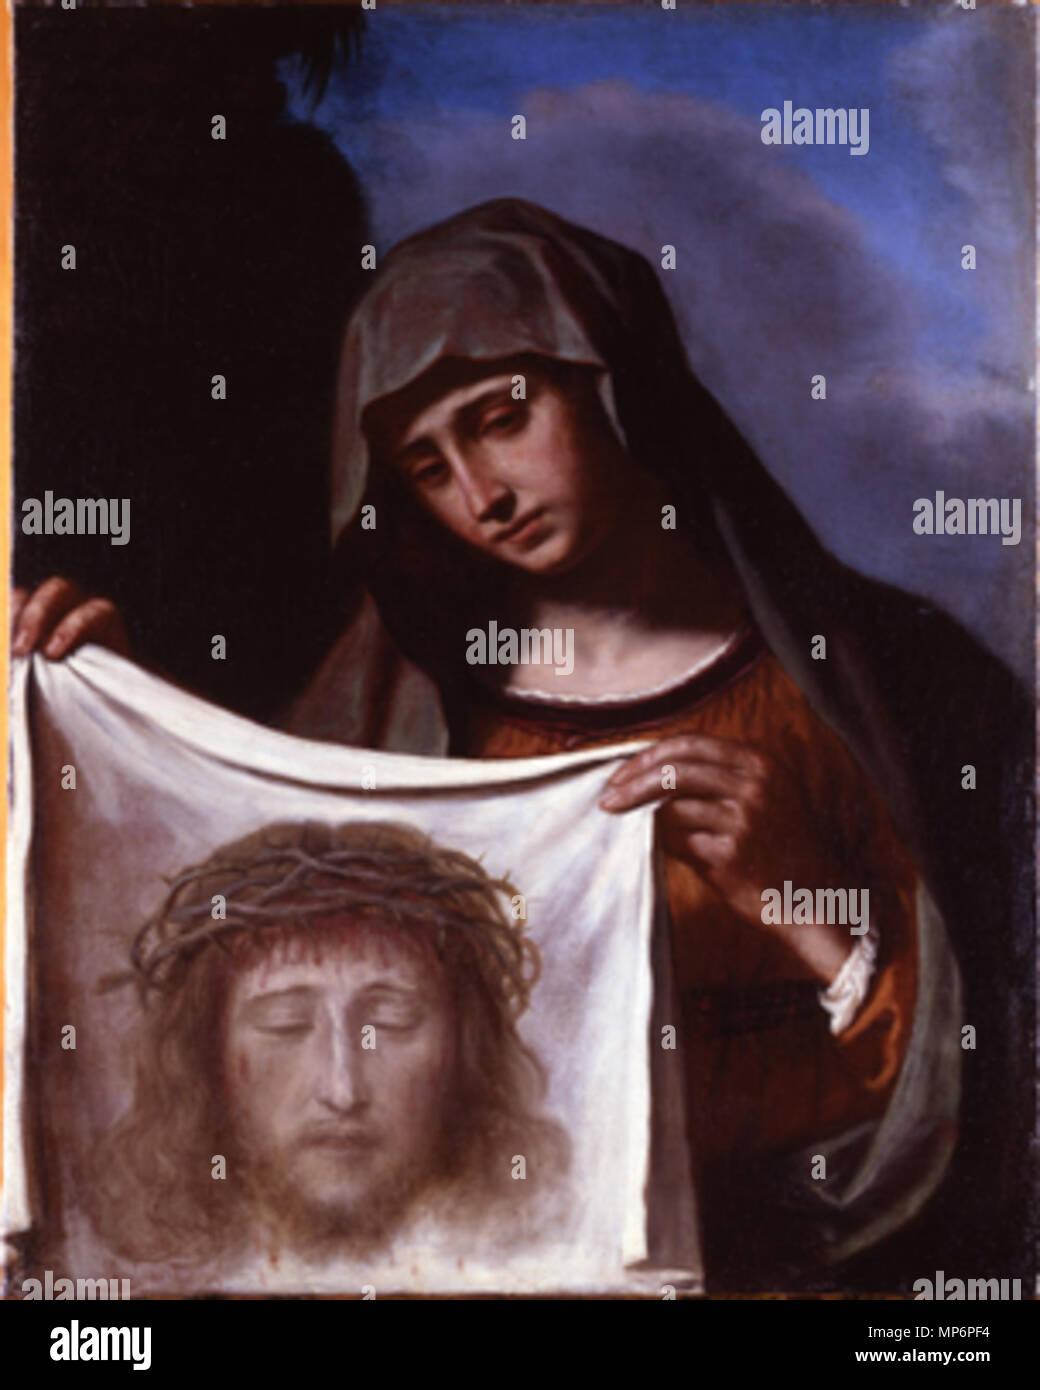 Veronica col sudario di Cristo, dipinto. 2 dia 10x12 (C01.65.03-04) foto Visconti, 2 dia 10x12 (C01.66.02-03) foto Sorgoli, Negativo bianco e nero 10x12 (C01.66.01) foto Visconti, 2 dia 6x7 (B01.15.08-09), 4 stampe 18x24 bianco e nero (G03.30.01-02, bis) foto Visconti, 4 stampe 18x24 bianco e nero (G03.31.01-02, bis) foto Sorgoli, stampa 24x30 bianco e nero (G03.32.01), polaroid 8x10 (E01.05.01), carige La Veronica 787 La Veronica di Barbieri Giovanni Francesco,il Guercino - Stock Image